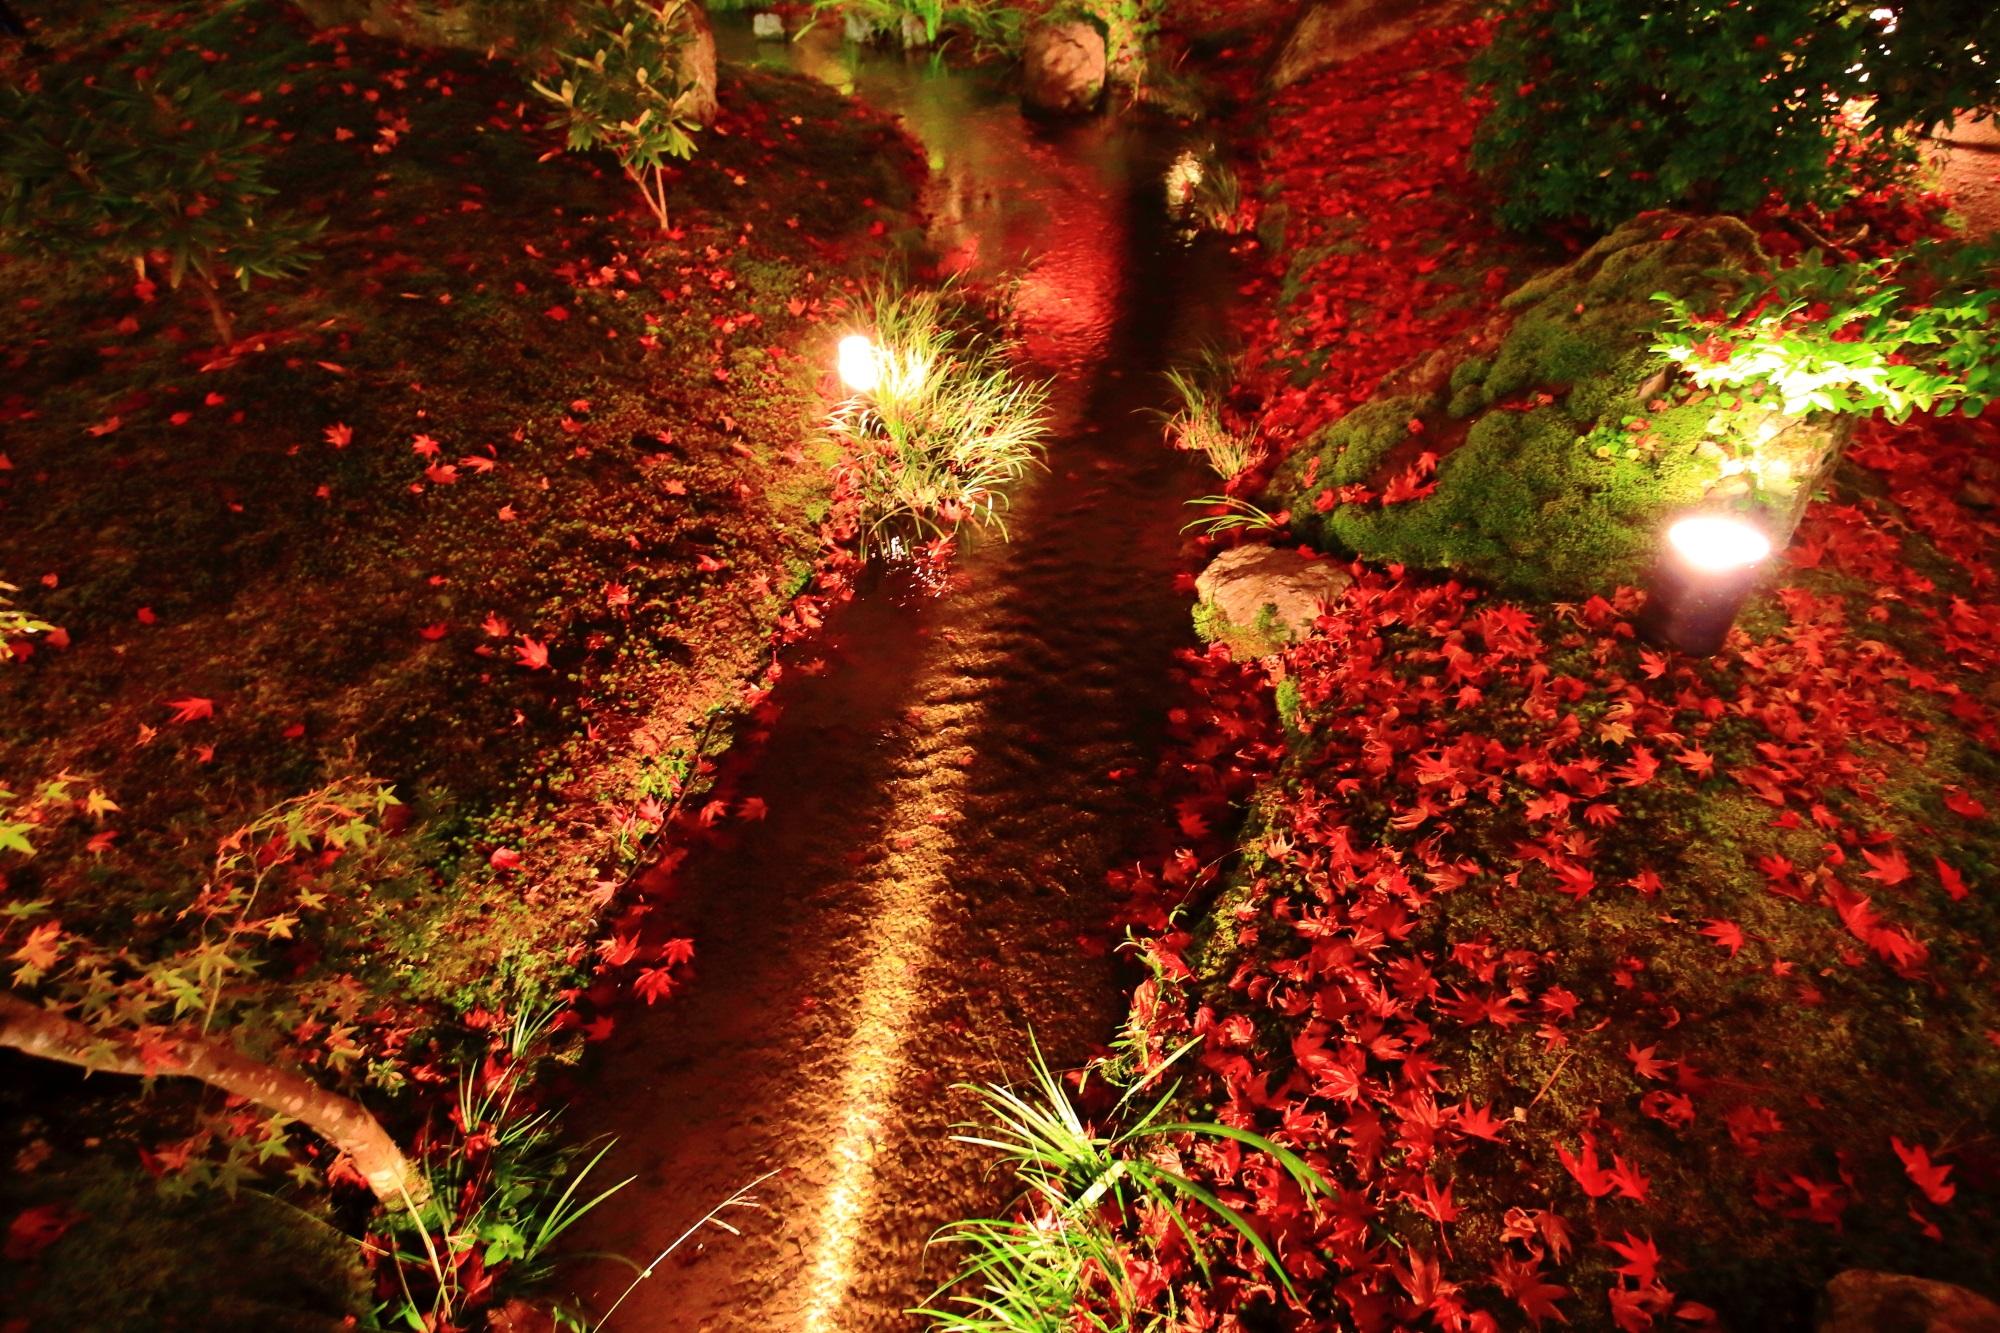 宝厳院 獅子吼の庭 散りもみじ ライトアップ 鮮やか